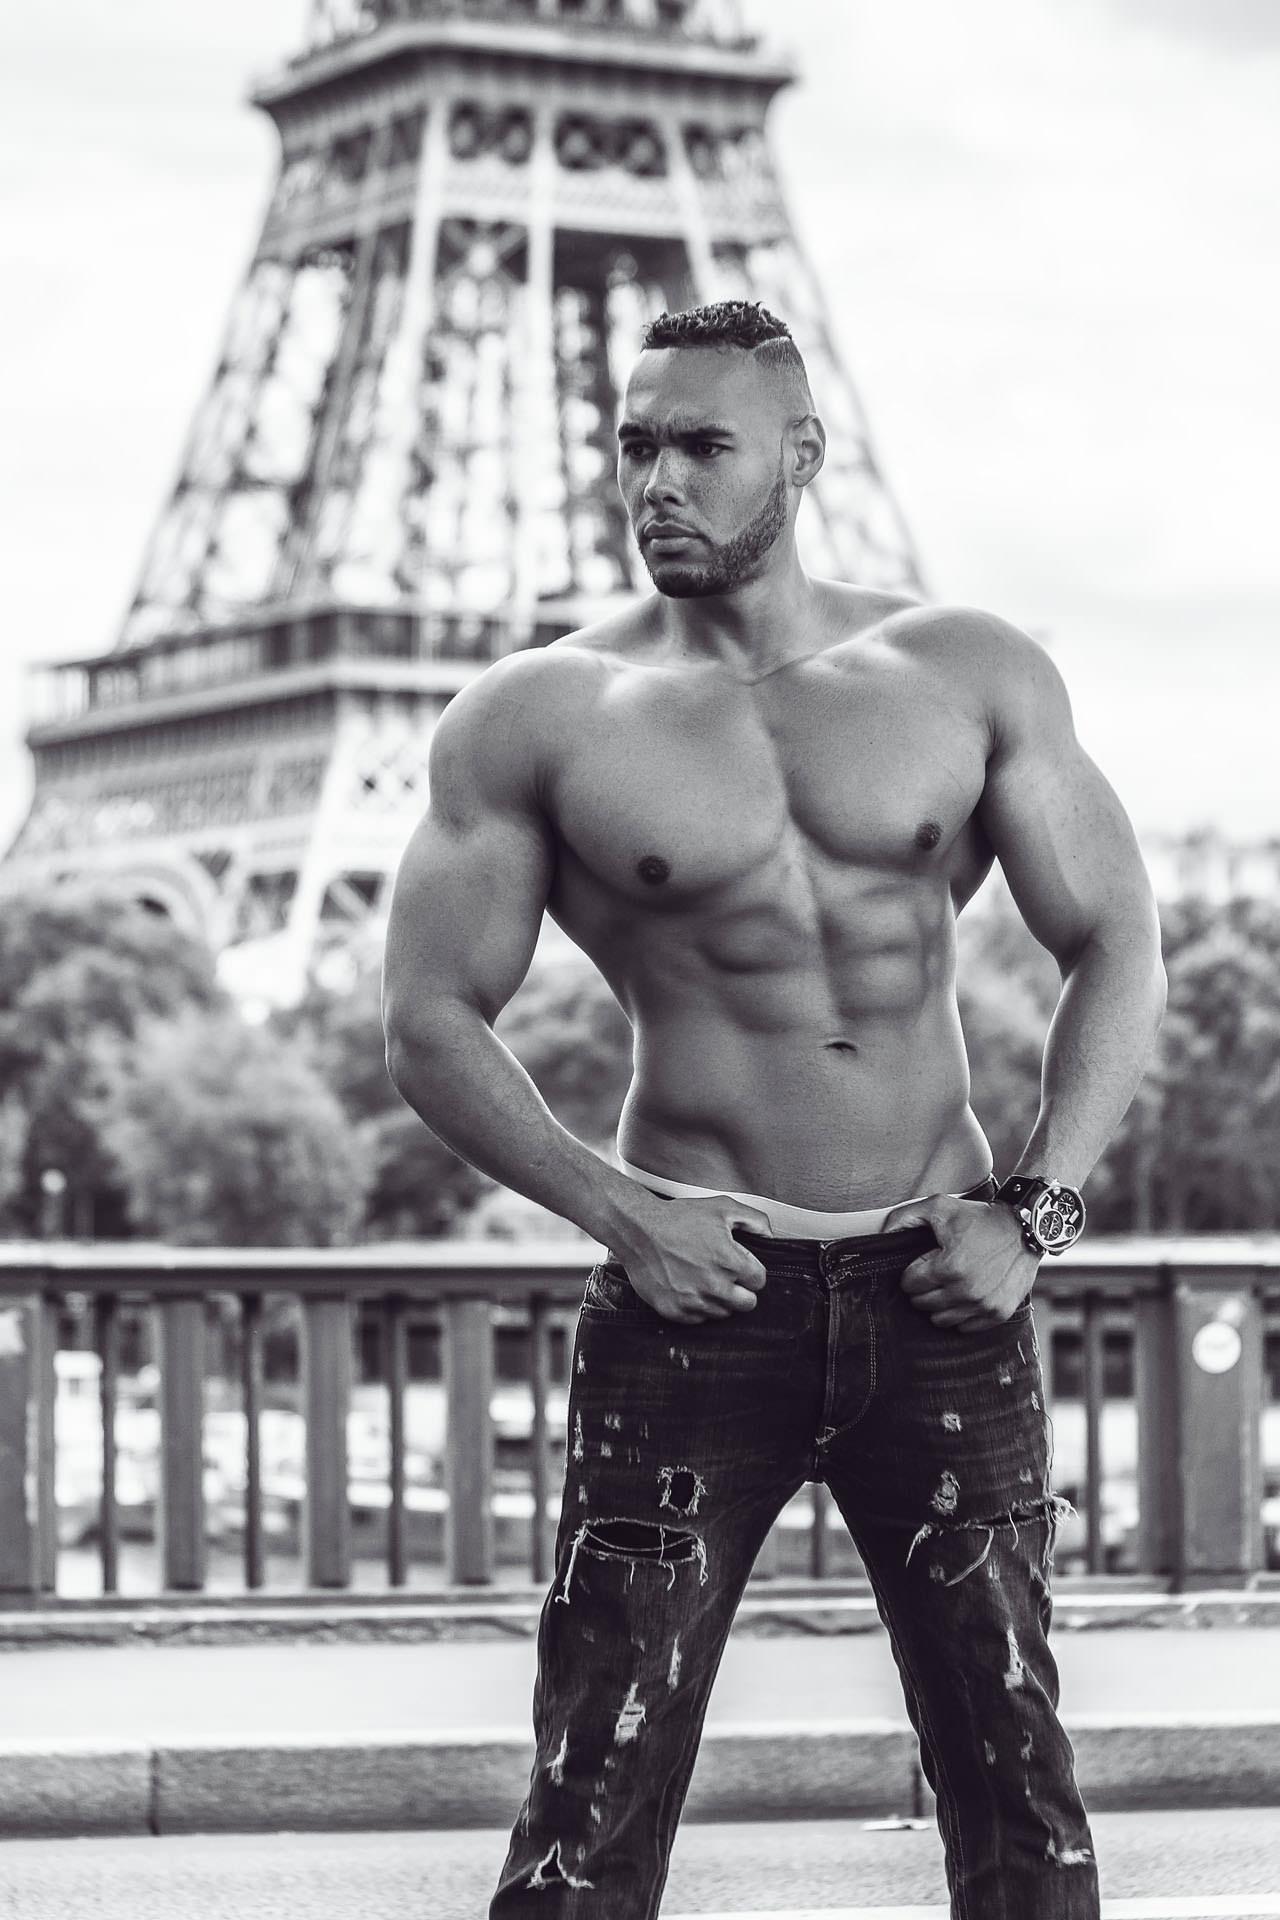 2016-07-26 - Christopher - Paris - 7112 - 1920px